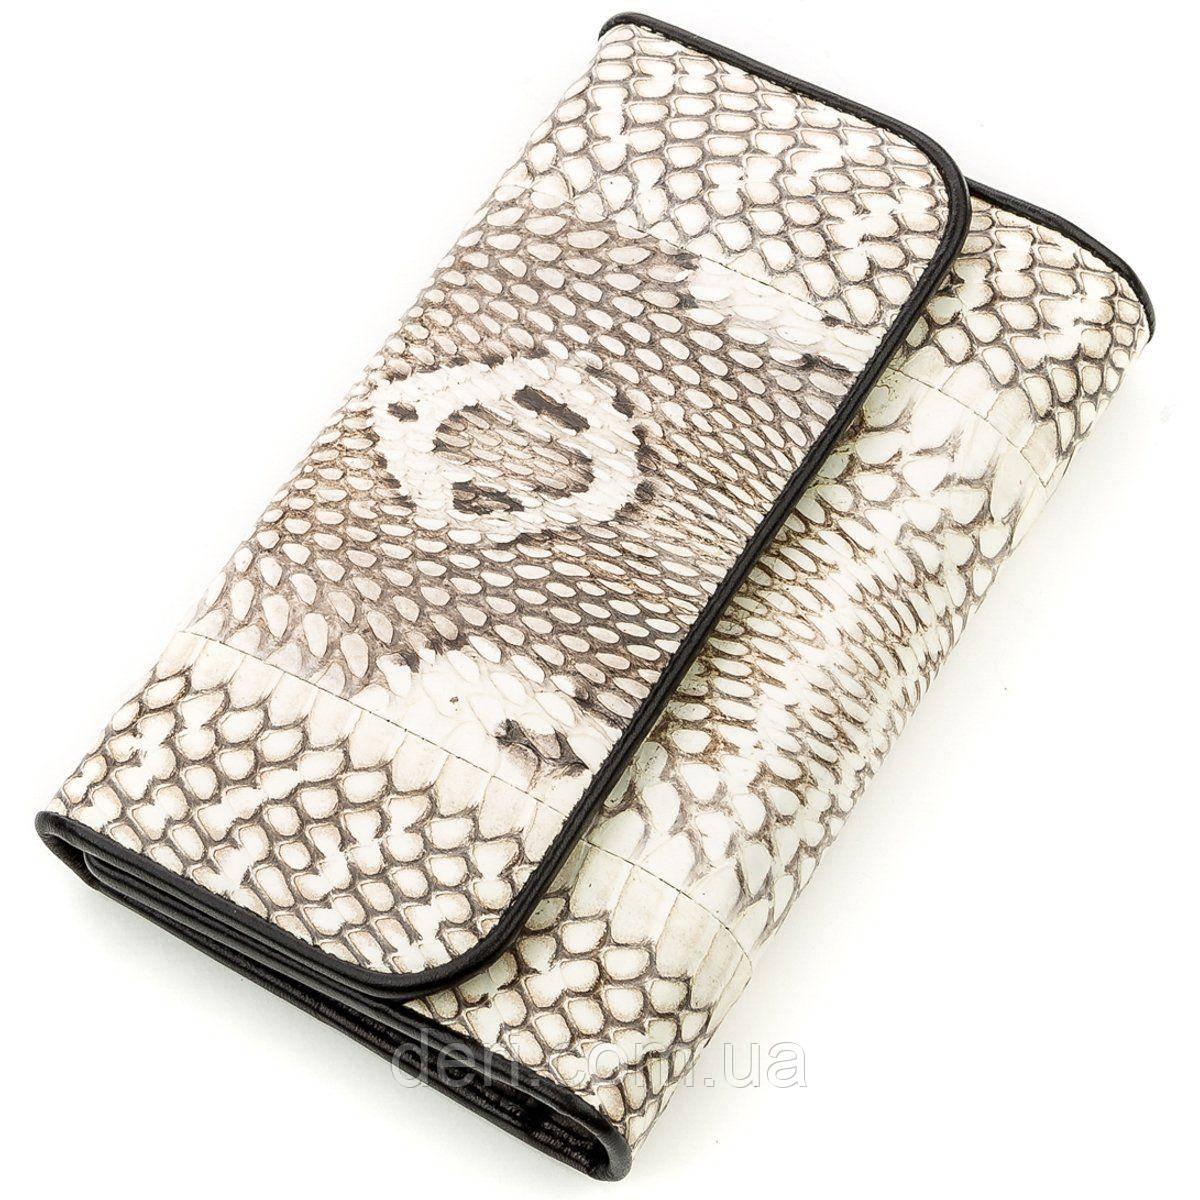 Вертикальный кошелек из натуральной кожи питона серый